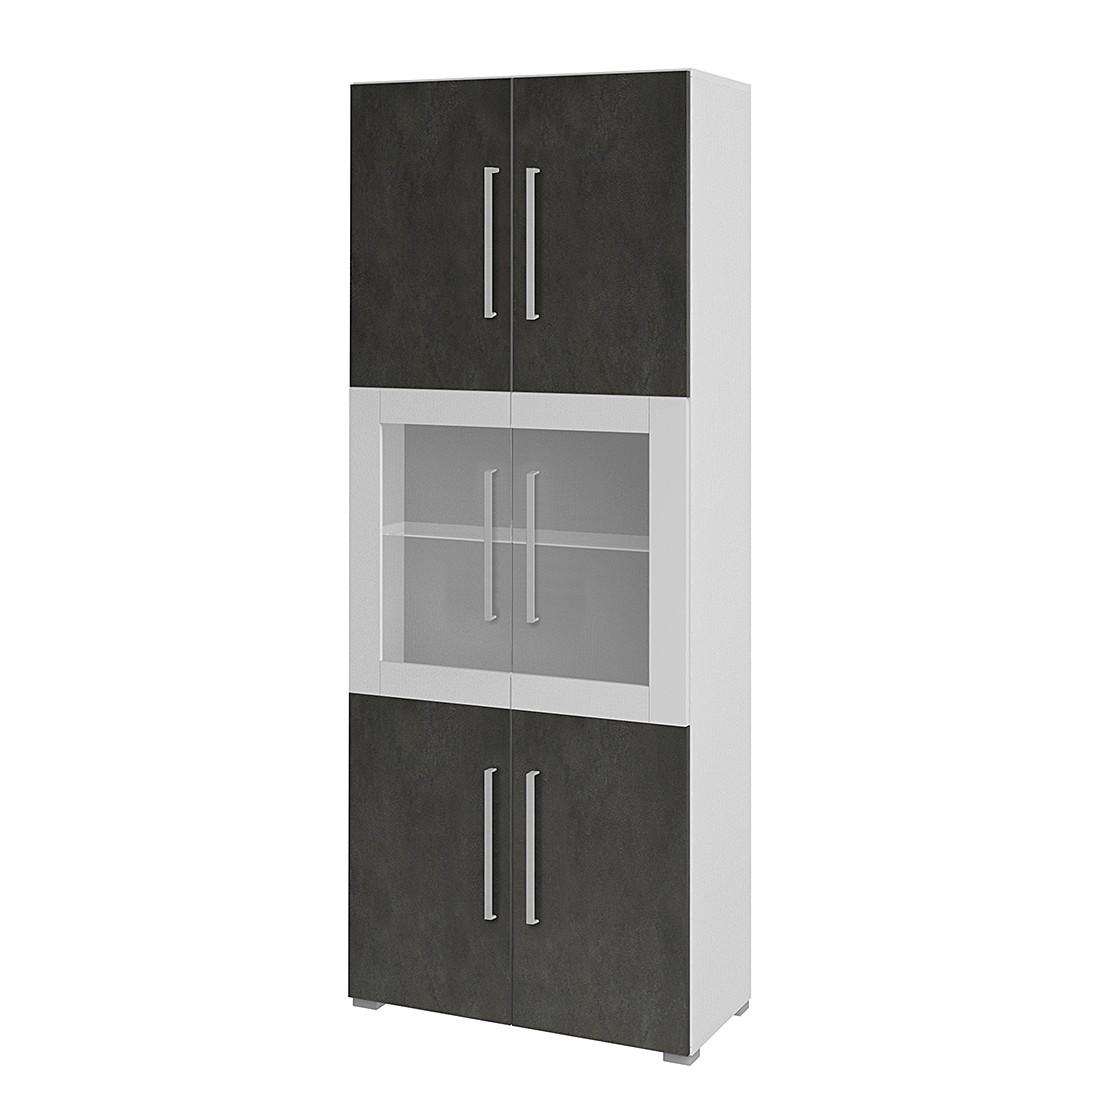 Aktenschrank Objekt.Plus II – Weiß/Grau, röhr bestellen